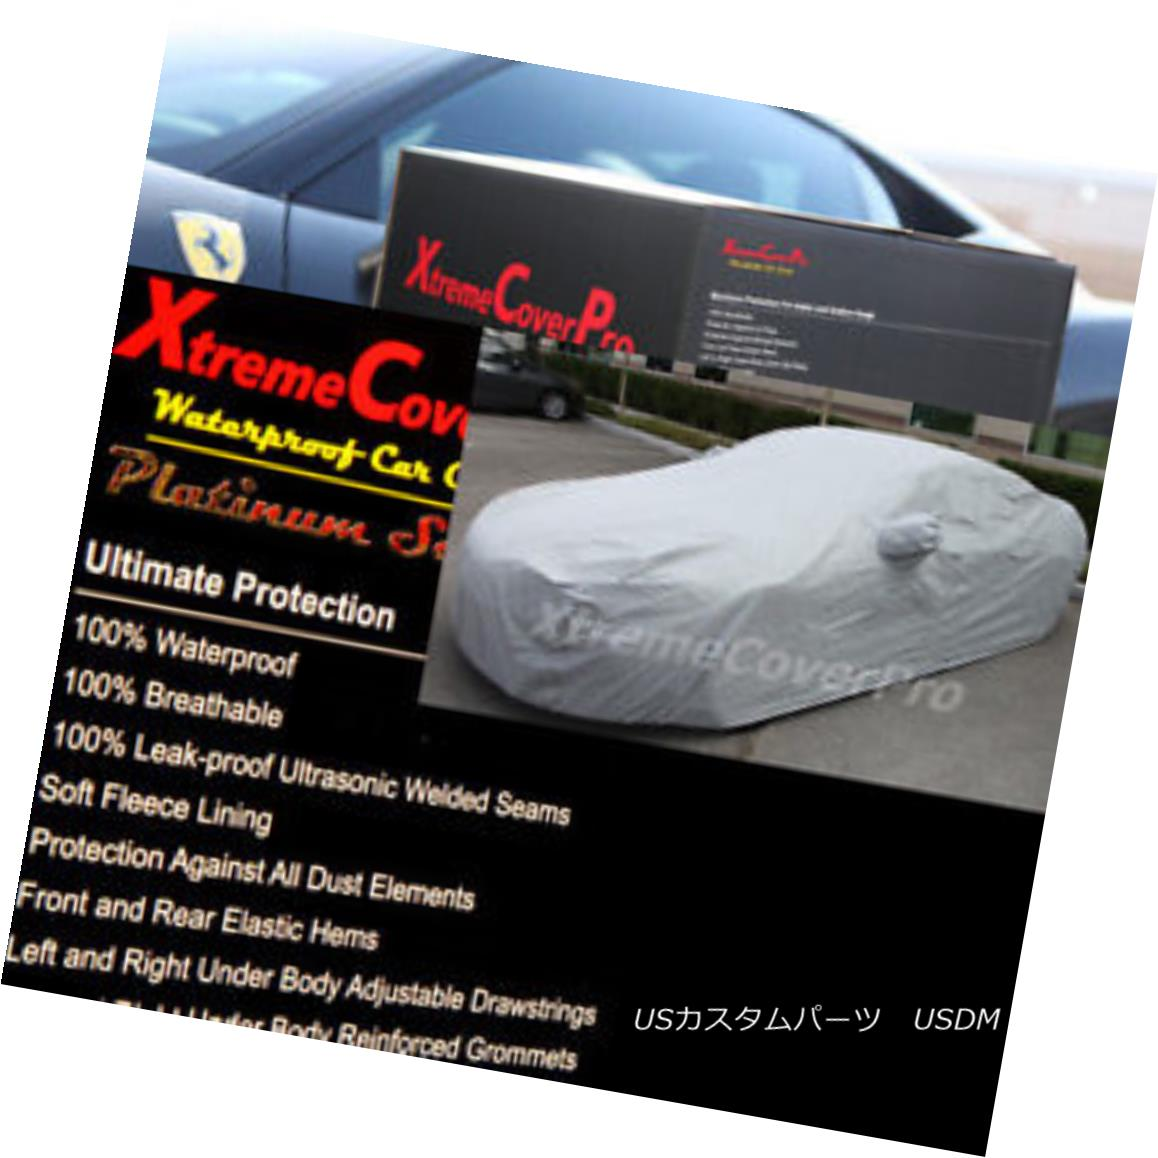 カーカバー 2005 2006 2007 Mercedes C240 C280 C320 C350 Waterproof Car Cover w/MirrorPocket 2005年2006年2007年メルセデスC240 C280 C320 C350防水カーカバー付きMirrorPocket